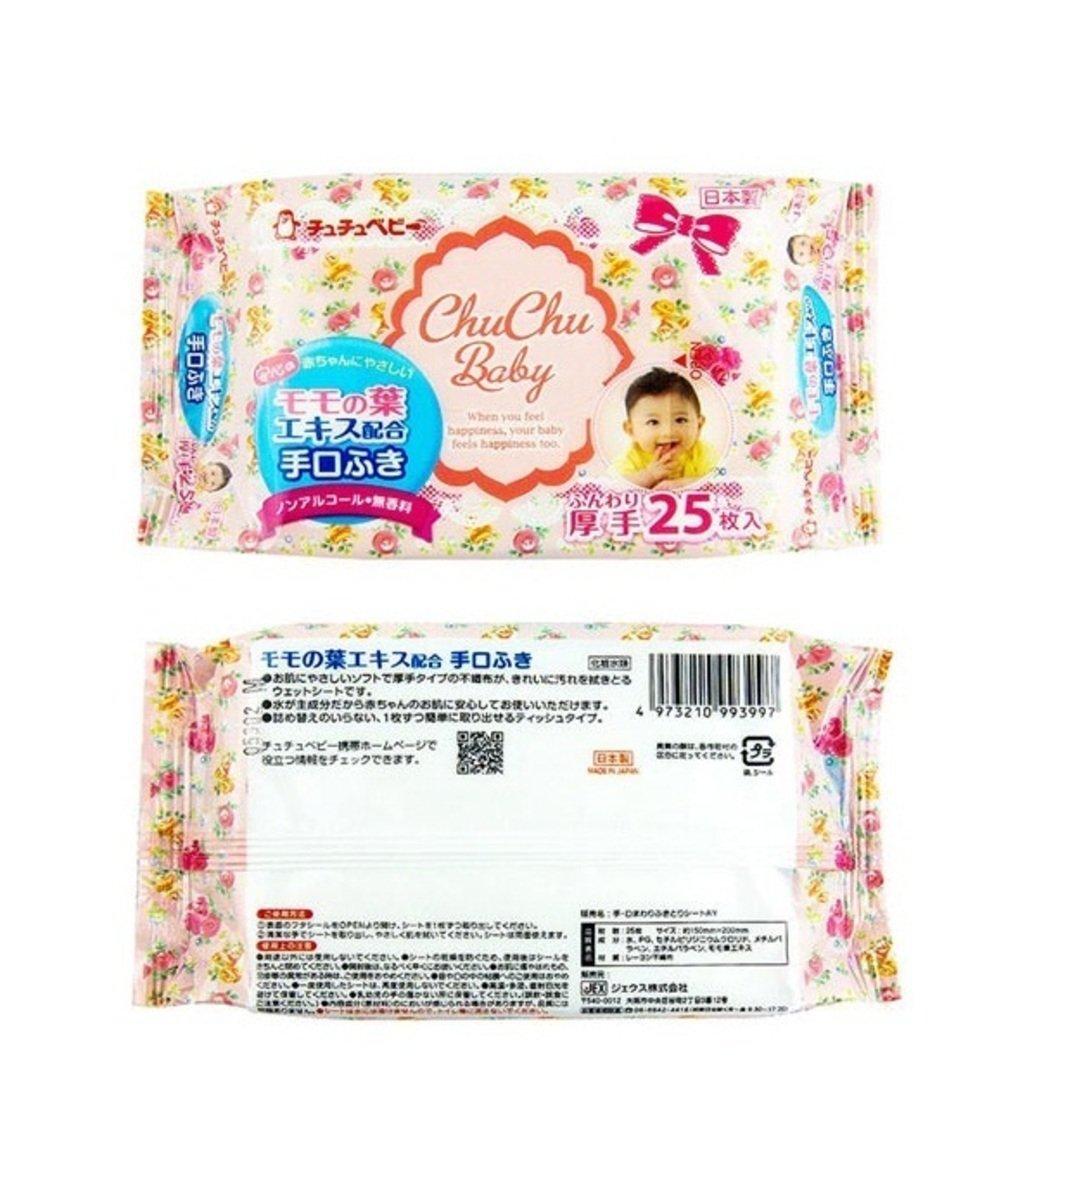 嬰兒專用濕抹巾 (便利裝 x 4)